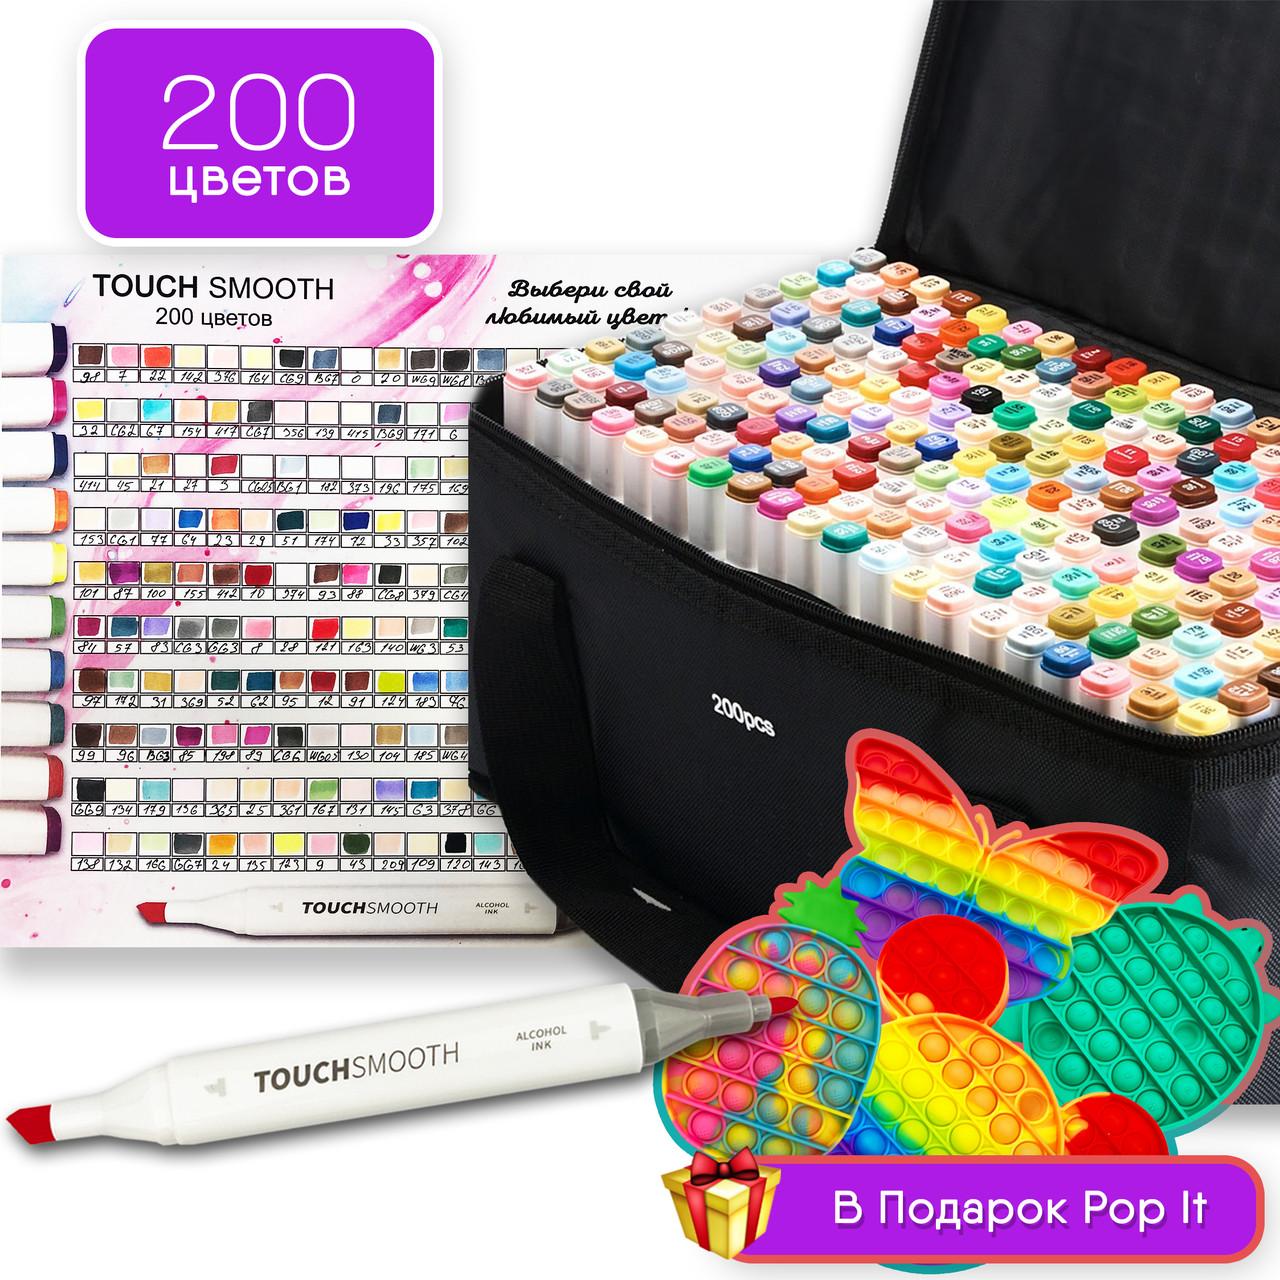 Набір двосторонніх маркерів Touch Smooth для малювання і скетчинга 200 шт + ПОП ІТ